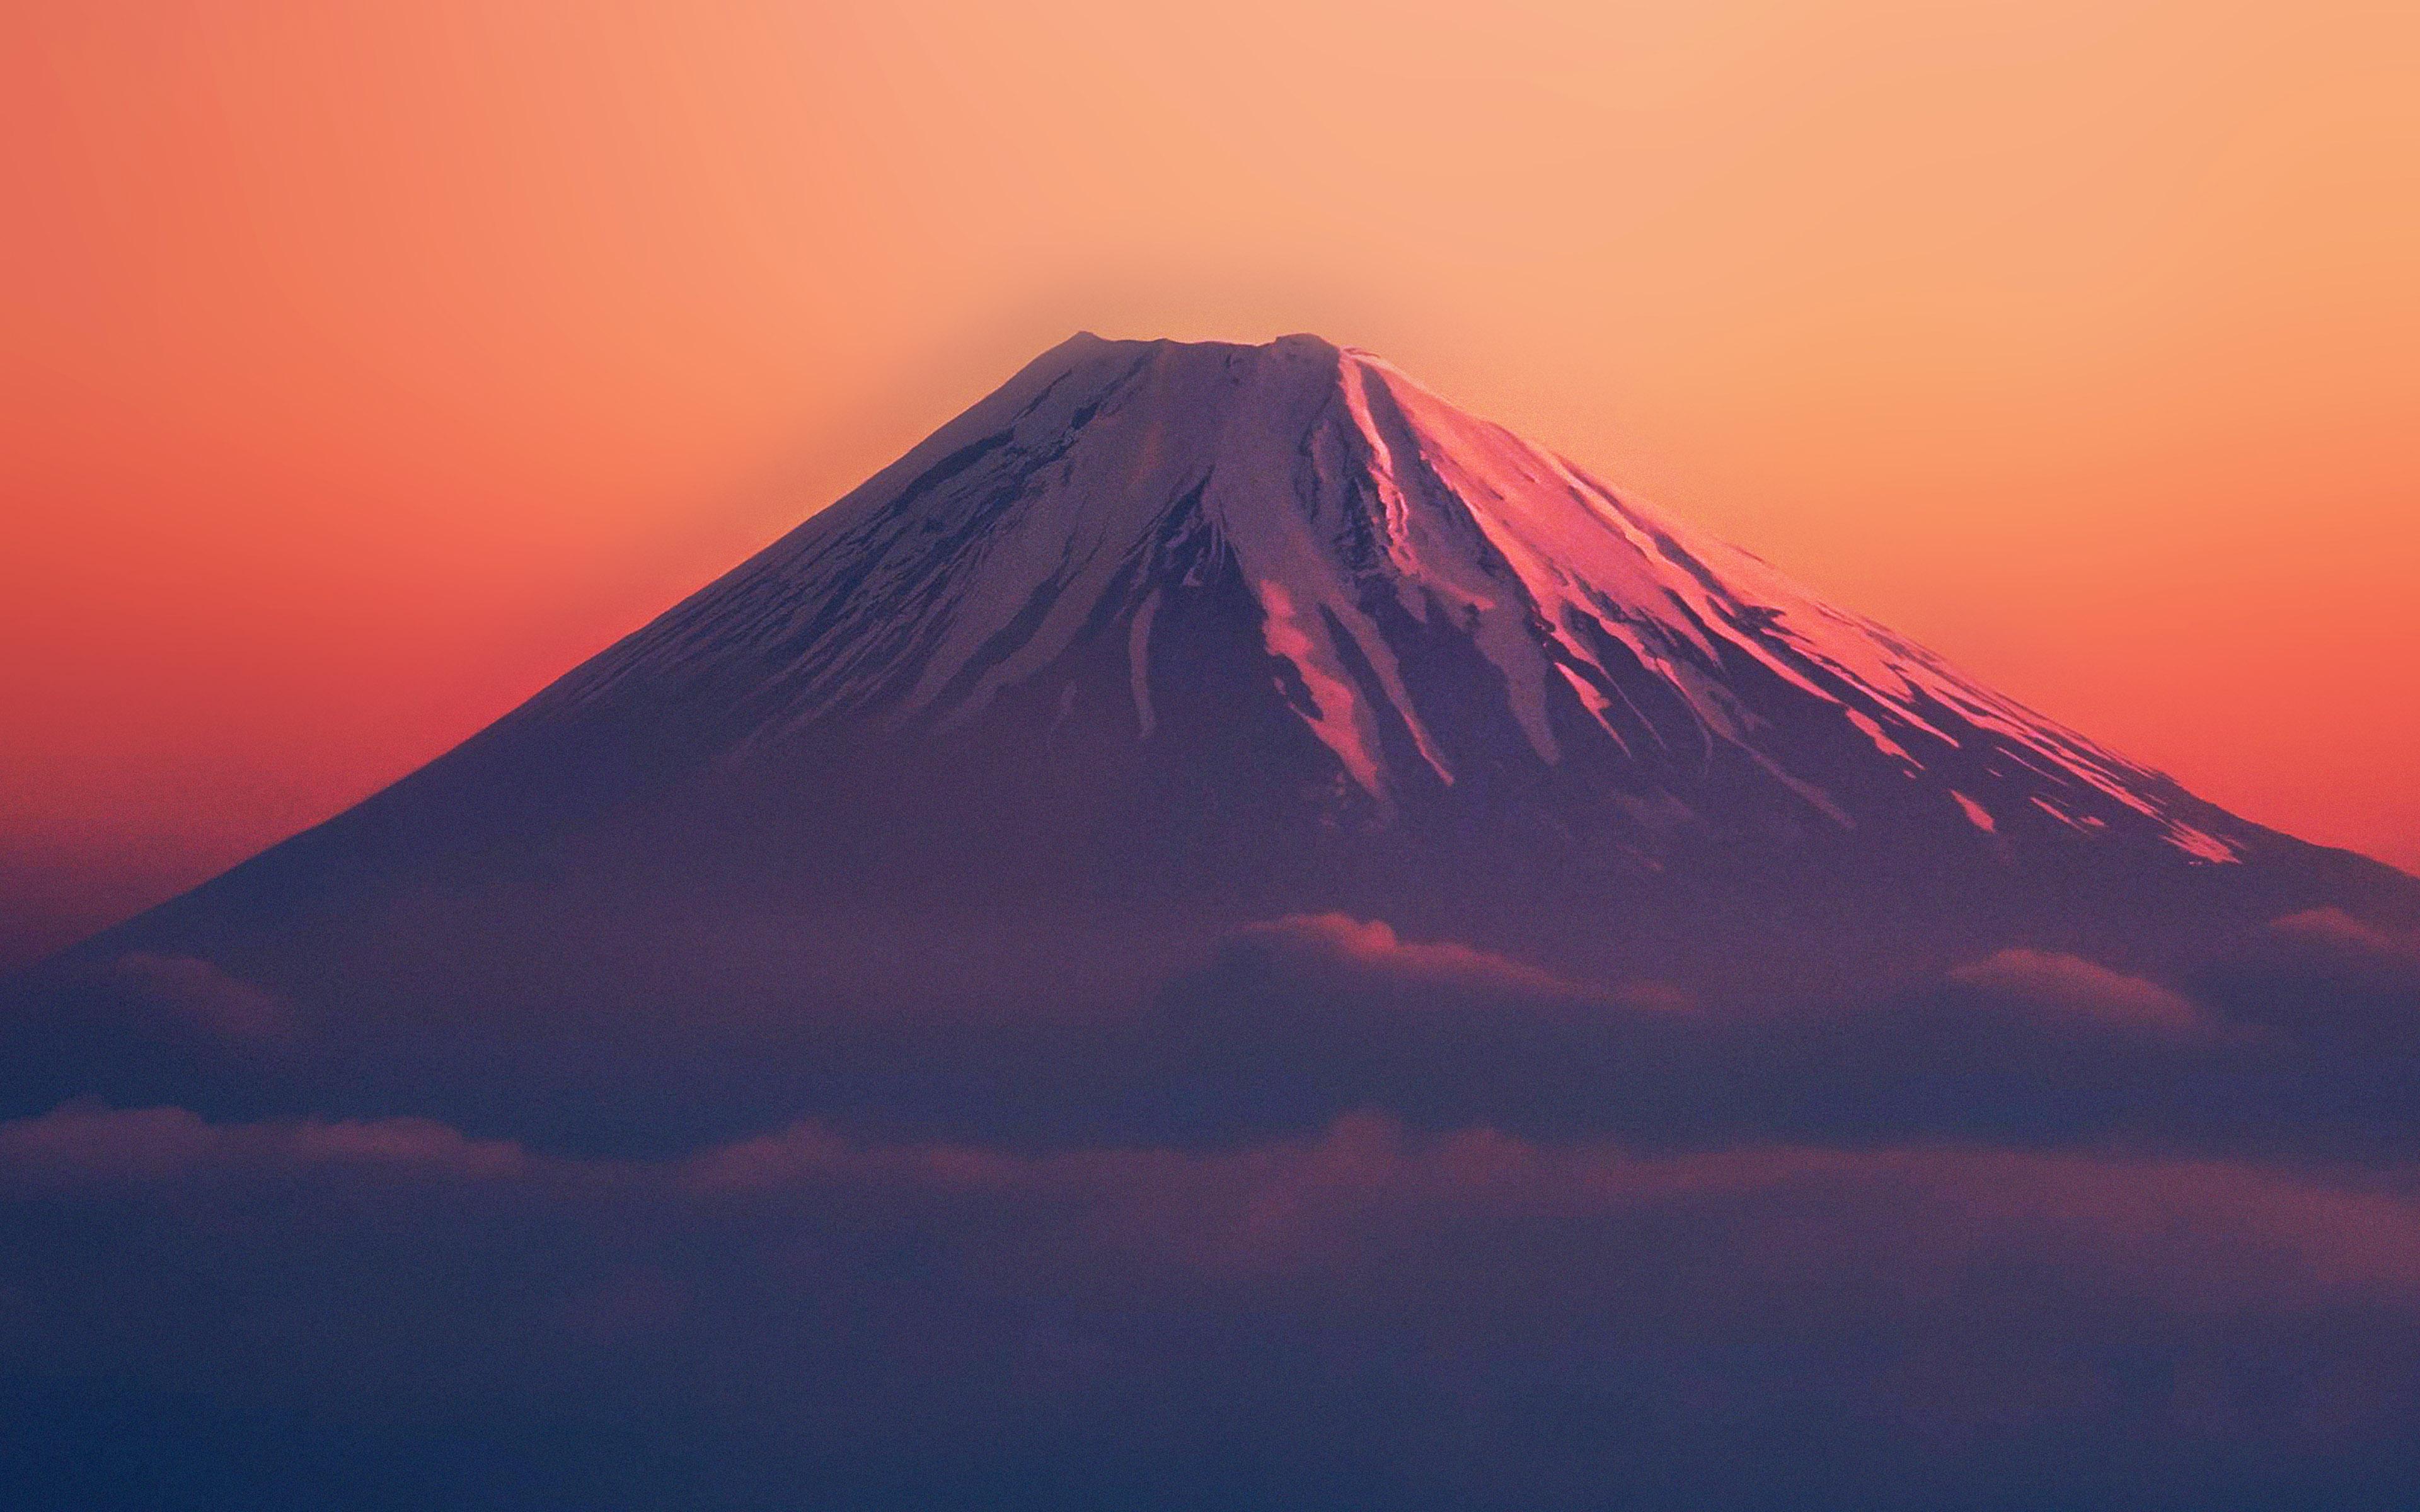 Ad53 Fuji Red Mountain Alone Wallpaper